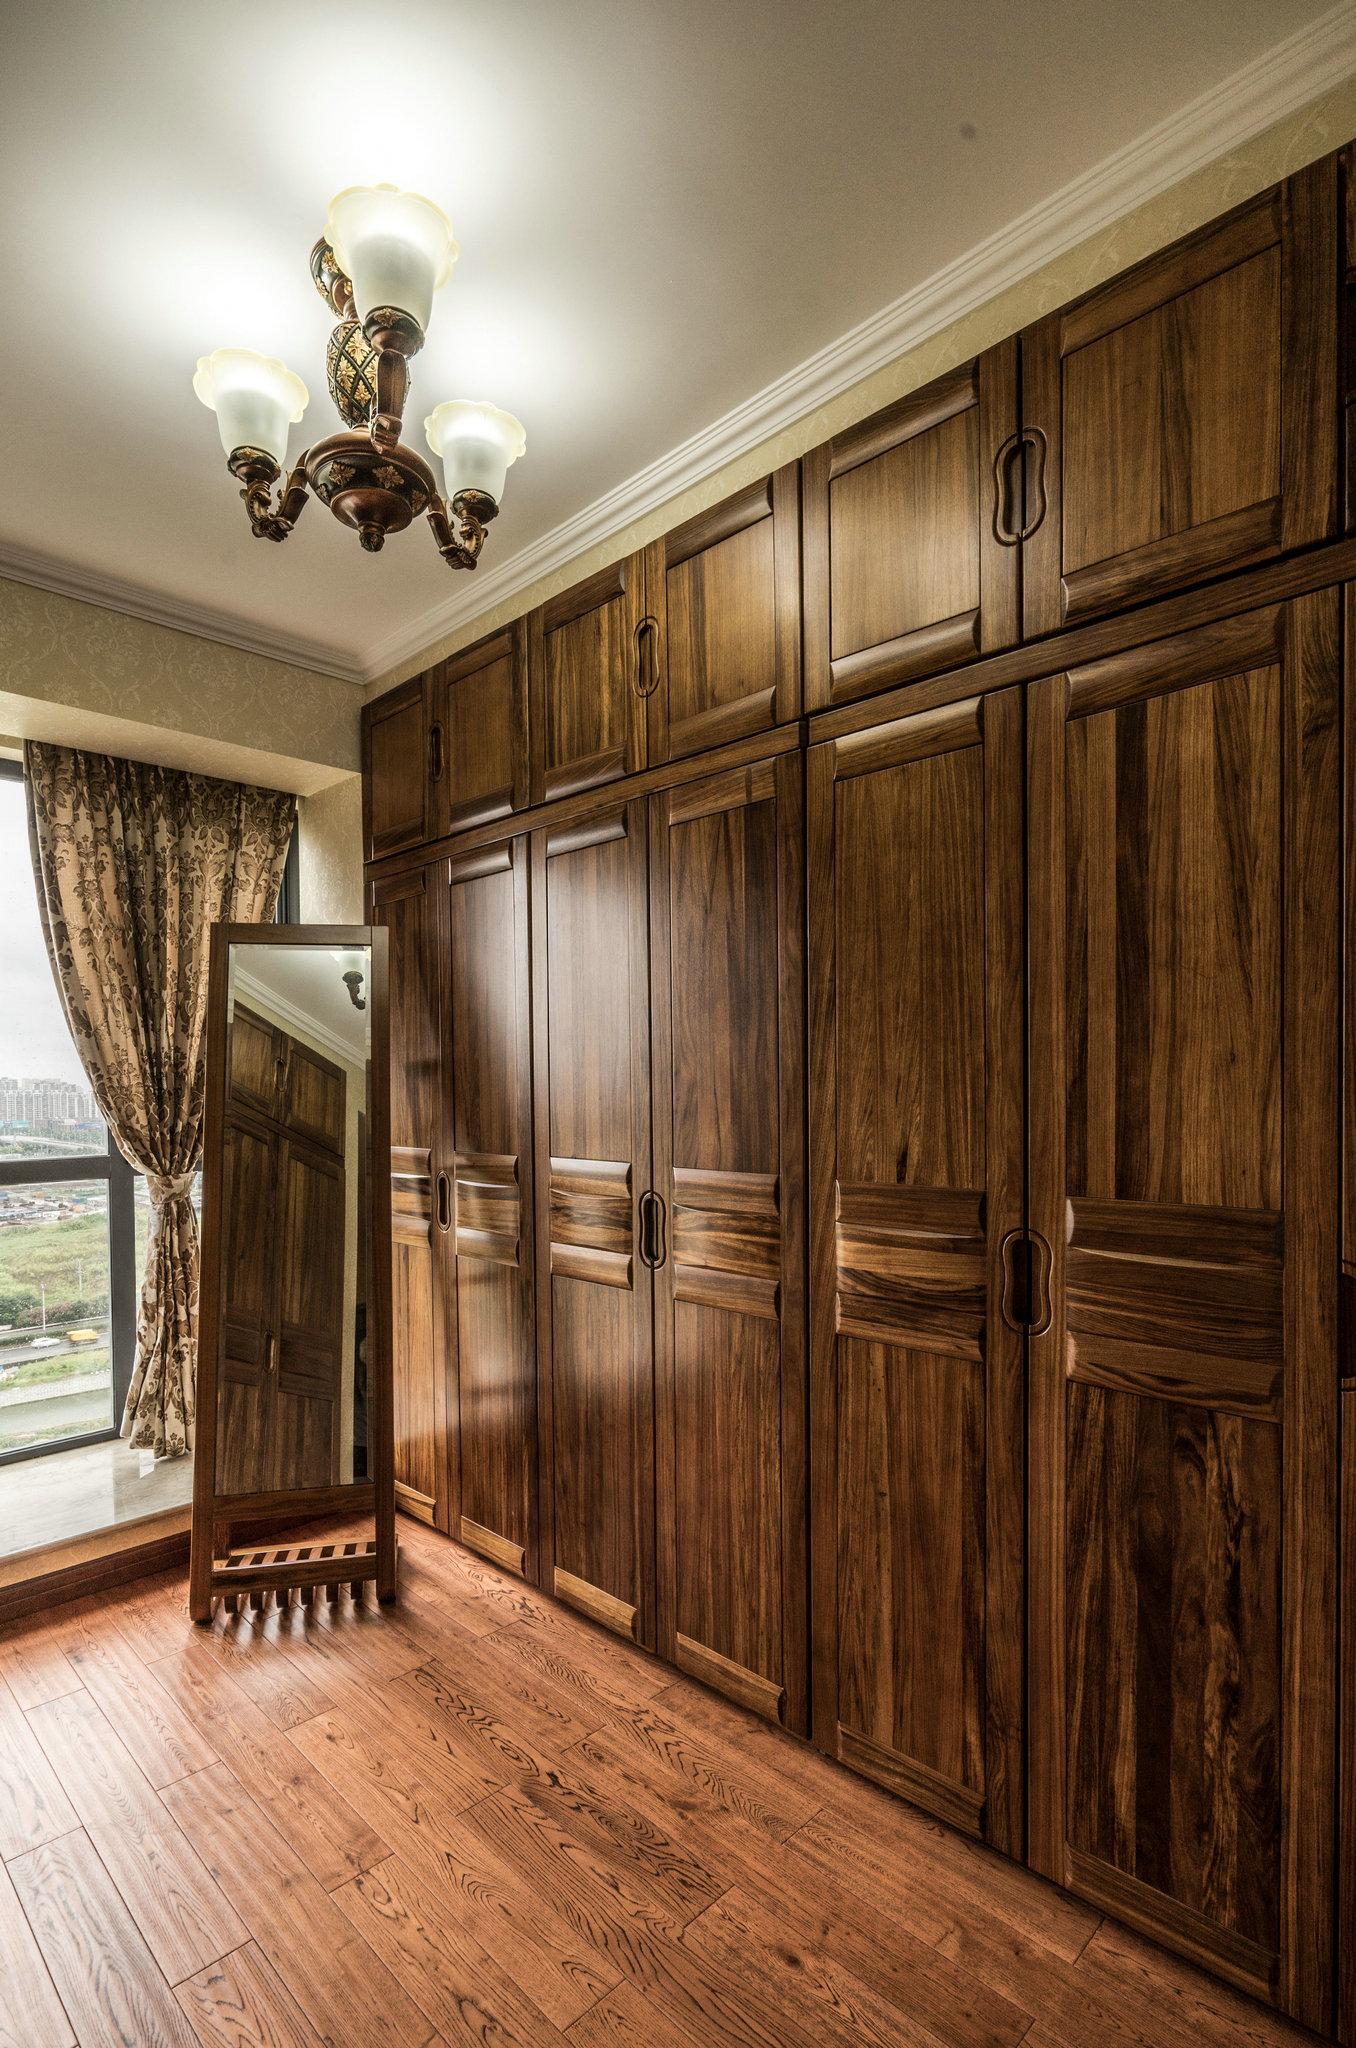 风格为简欧,业主希望打造这套房子装修出来的效果要大气,造型丰富且华丽,所以在整体设计的时候,采用了欧式风格所强调的华丽装饰、精美的造型达到华贵的效果。 客厅的电视背景采用砖和大理石的结合,彰显欧式独有的质感,弧形大理石线条的设计将欧式的简约大气华丽的效果发挥的淋漓尽致。餐厅背景墙采用菱形镜面,使其餐厅更有空间感。过道处由于其原始结构,使其看上去较狭长,所以在过道处采用端景及丰富的造型,从是视觉上让人看上去没那么压抑,视感丰富,吸引眼球?